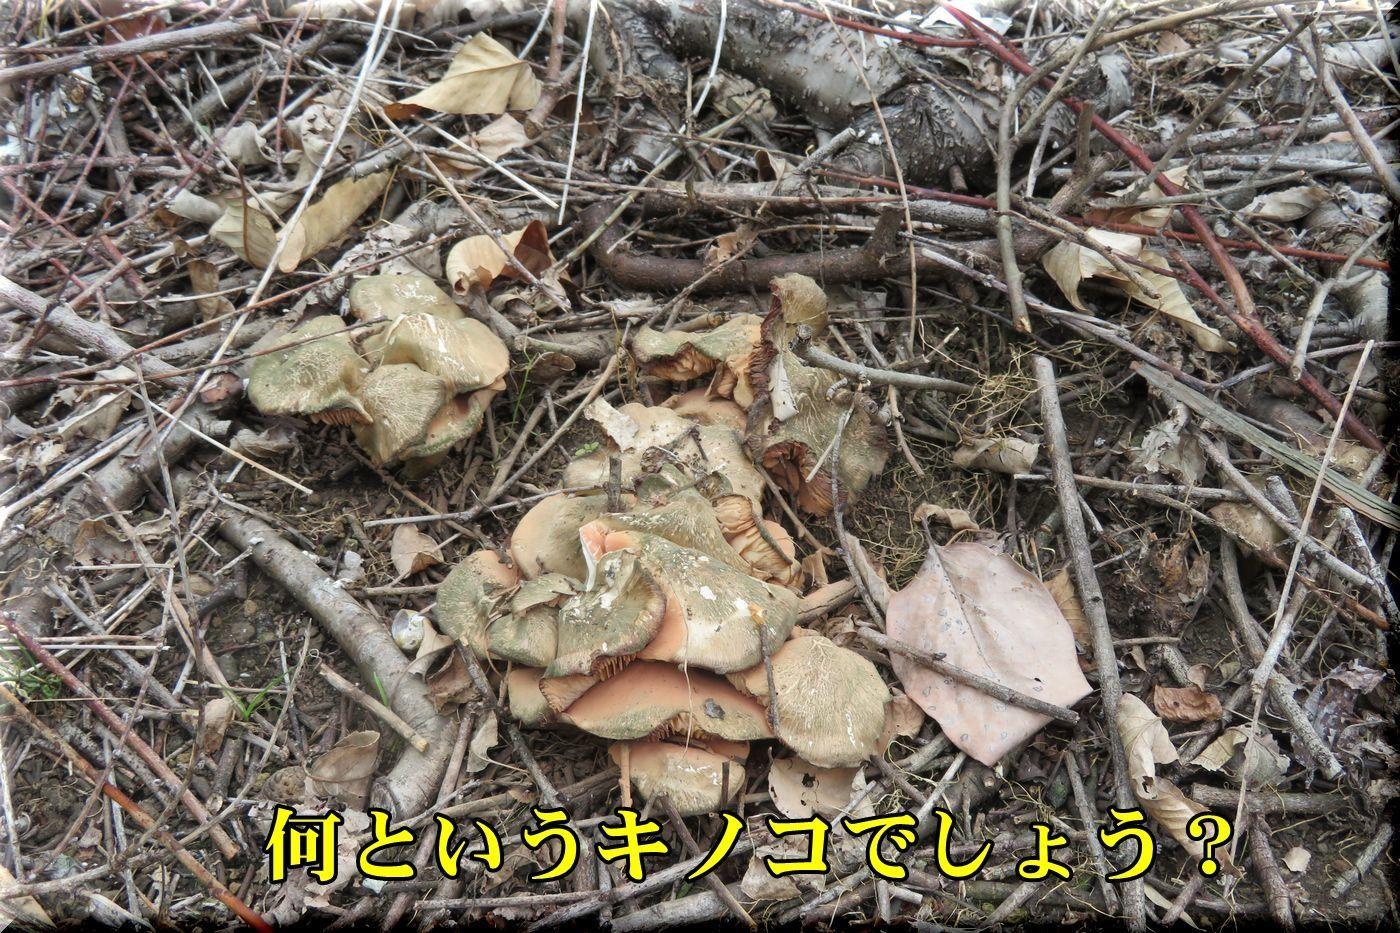 1kinoko180424_011.jpg